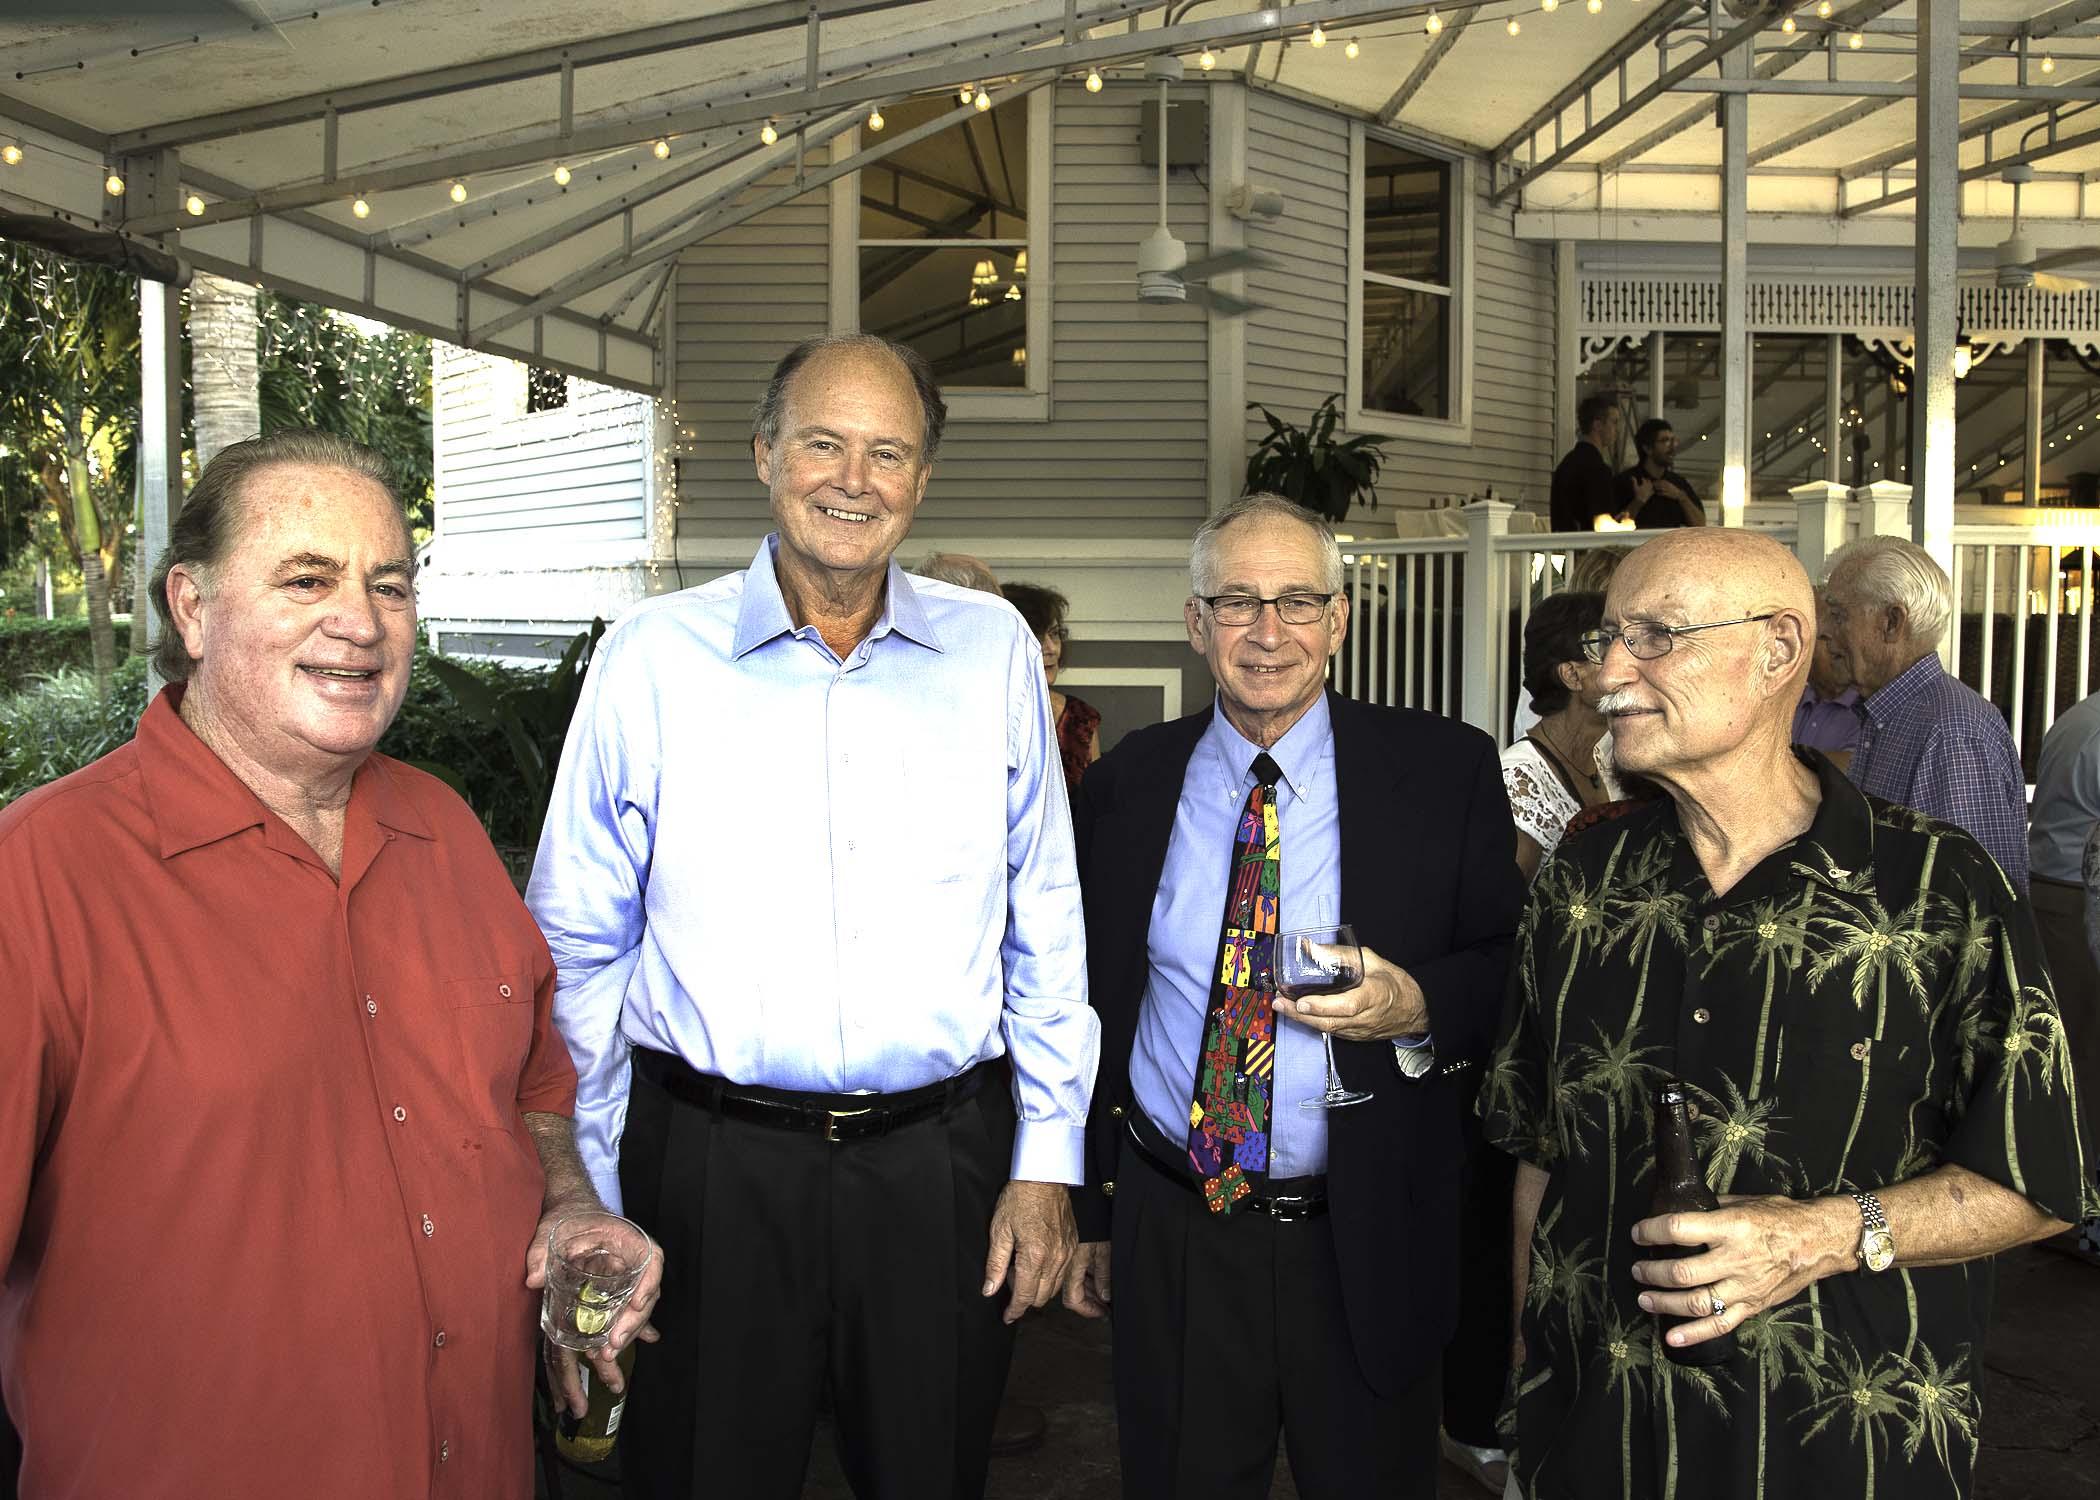 (L-R) Bruce Cochrane, Roger Grogman, Bill Sartoris, Kurt Peters